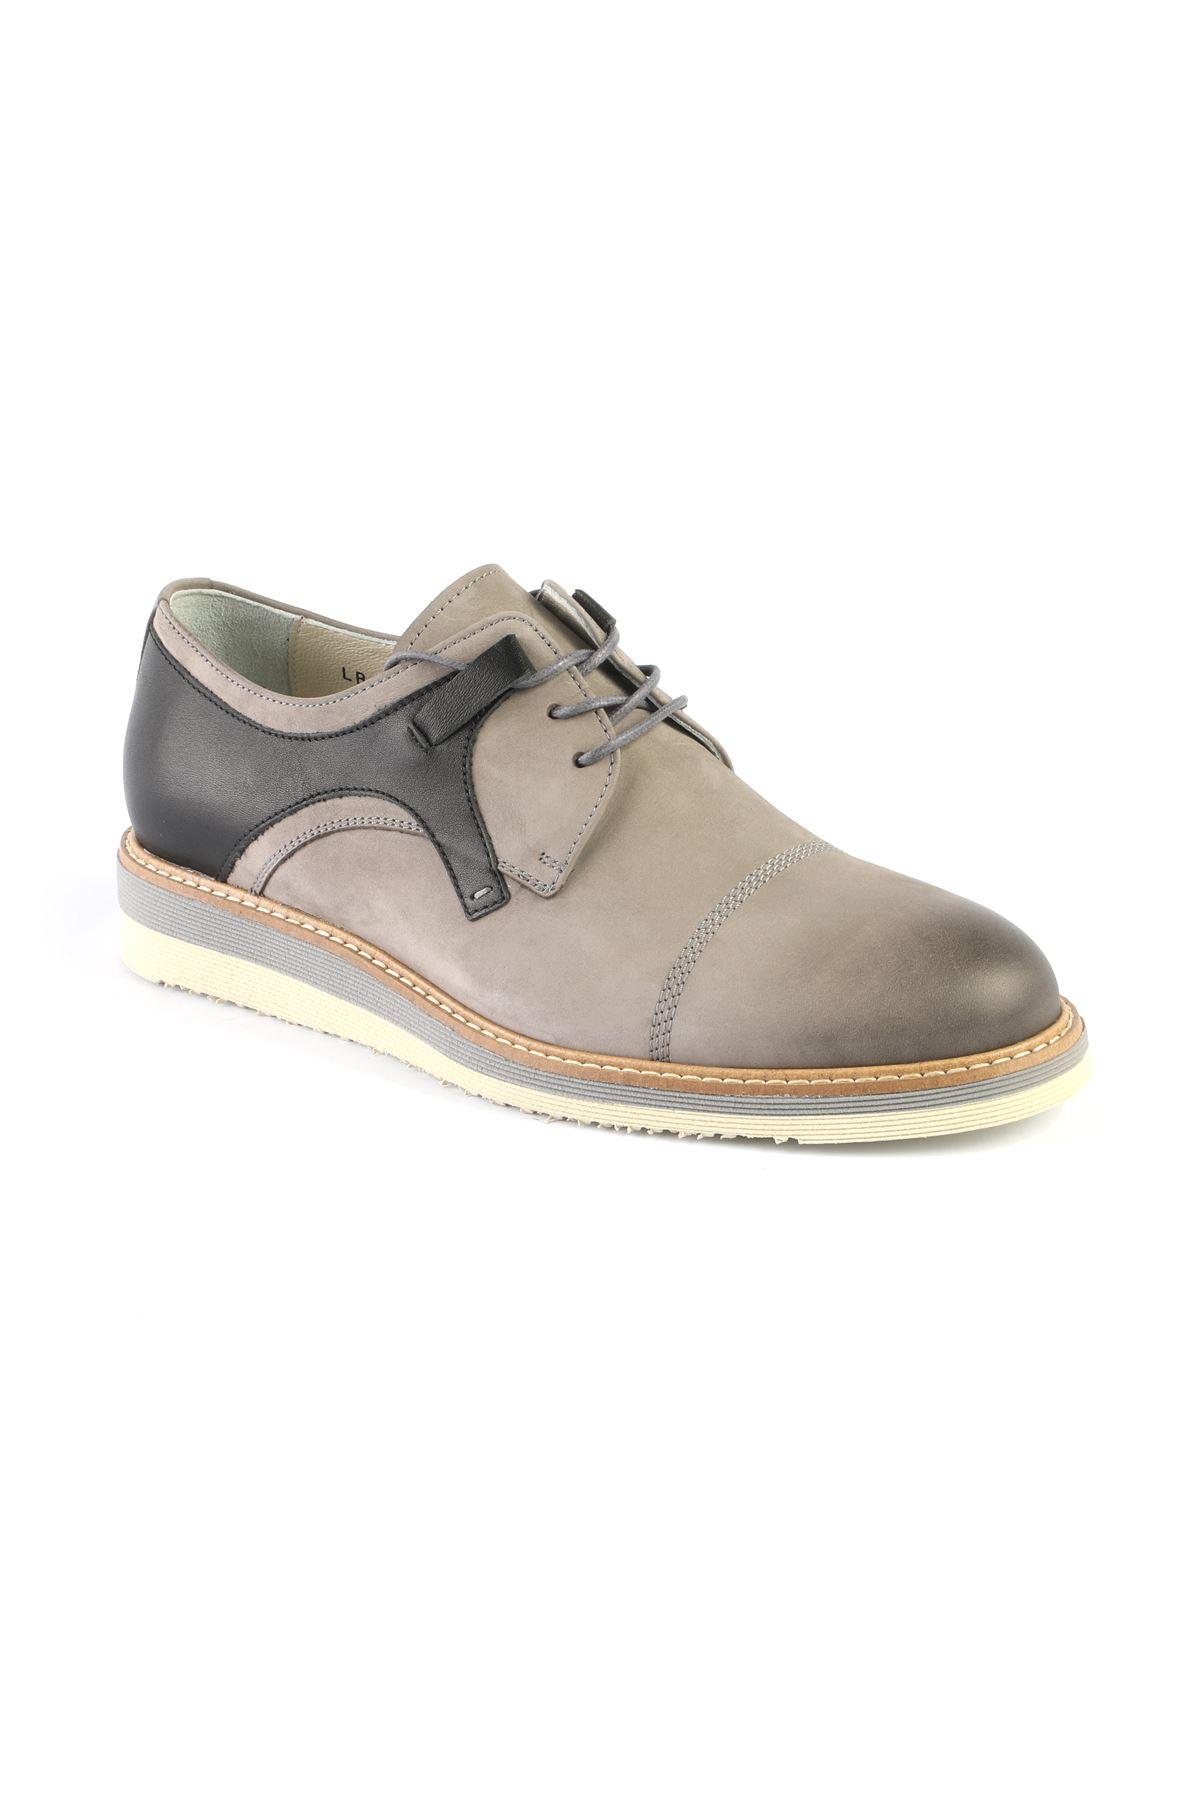 Libero 3387 Gray Casual Shoes